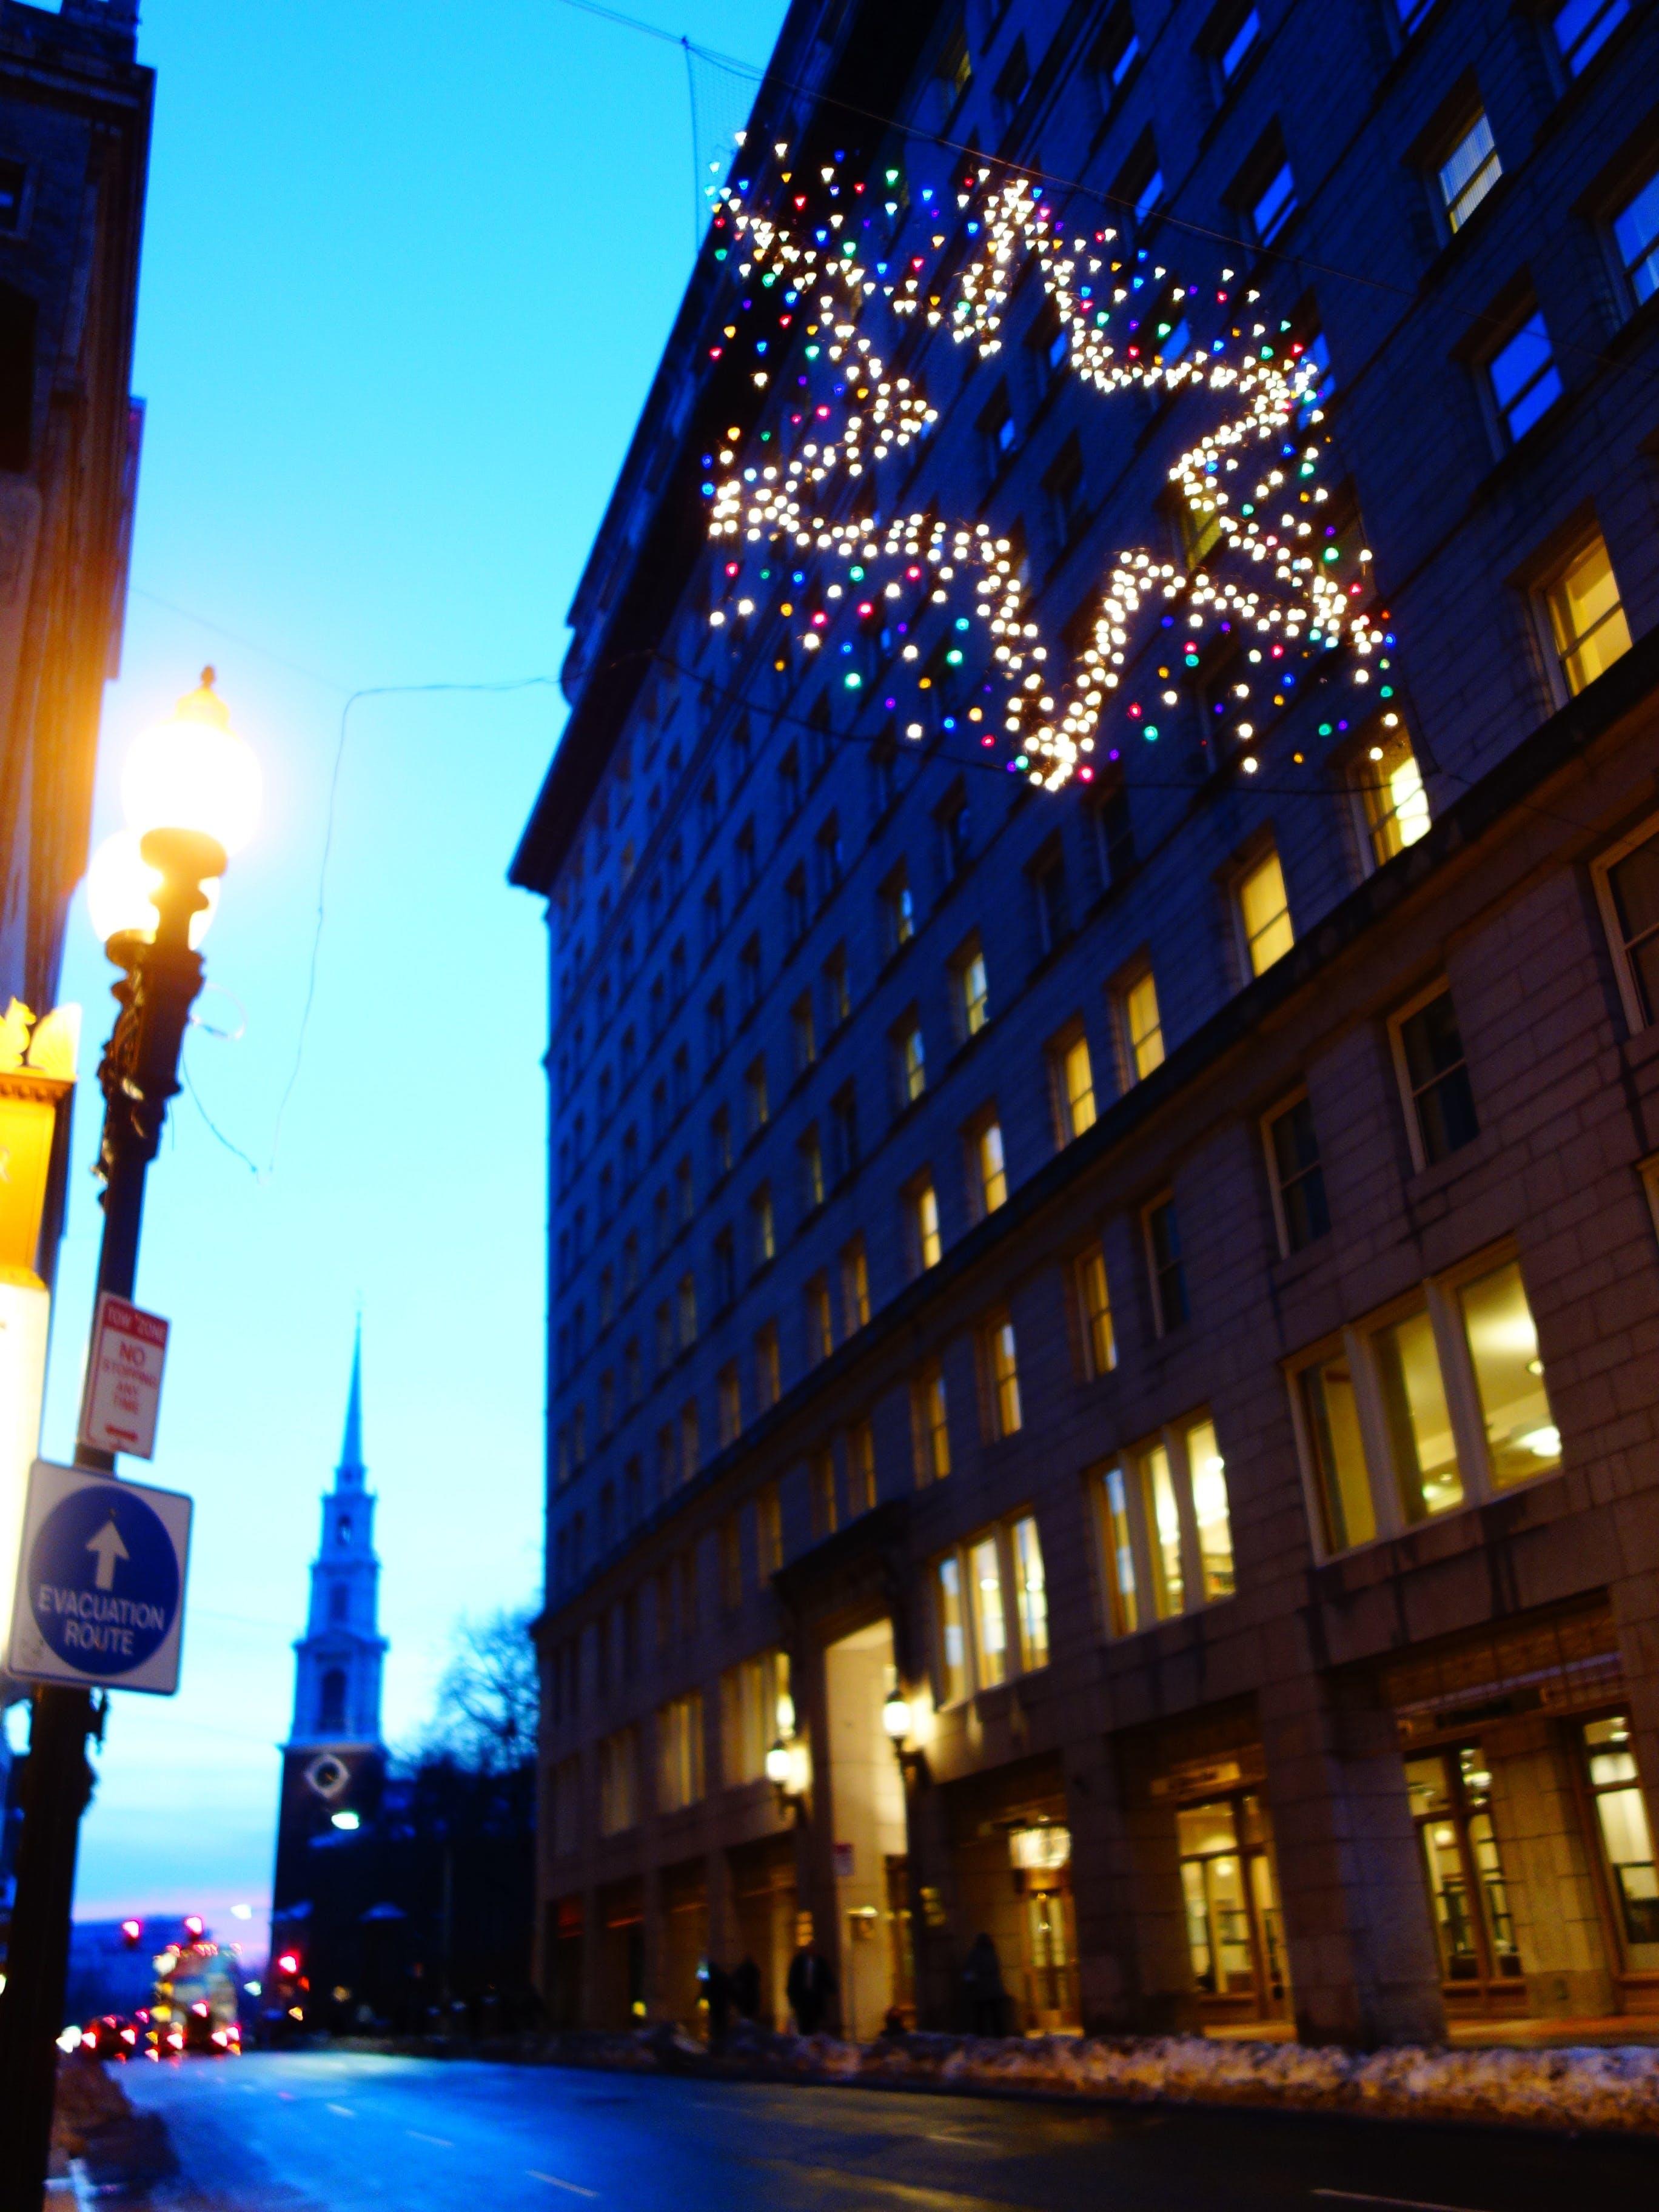 Kostenloses Stock Foto zu boston, straße, weihnachten